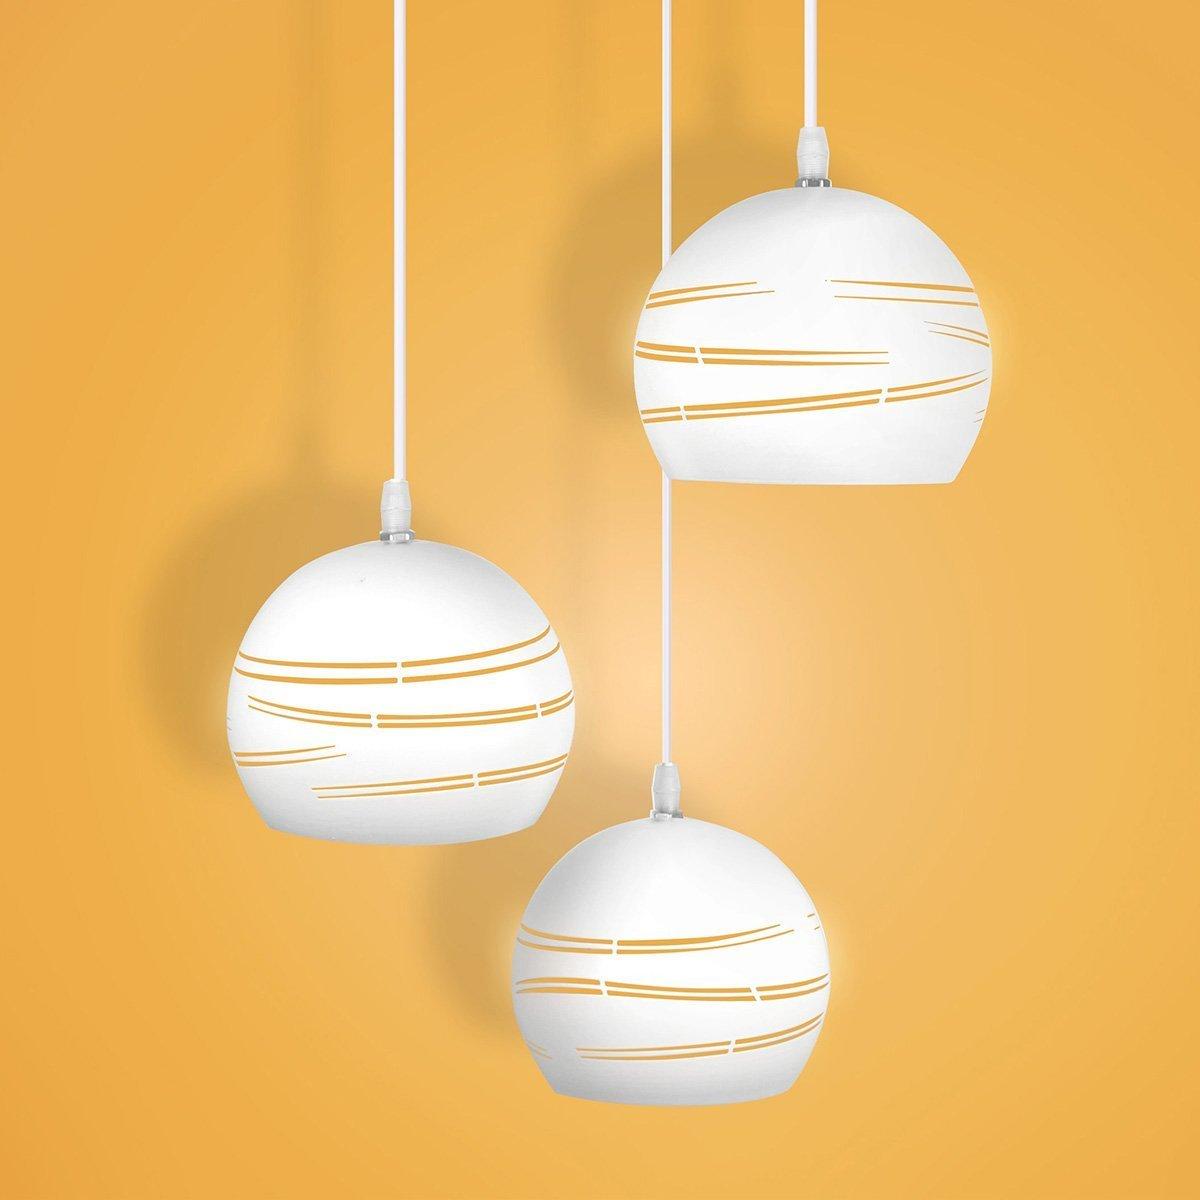 Modernes Hängendes Der Licht Esszimmer Der Hängendes Wand Küchenlampe Hohle Einfache Linien Stil Mit 3 Einstellbar Licht AC 85-265V, LED Birne Pendelleuchte Beleuchtung Leuchte Innen Metall Hängeleuchte Wohnzimmer 3b4507